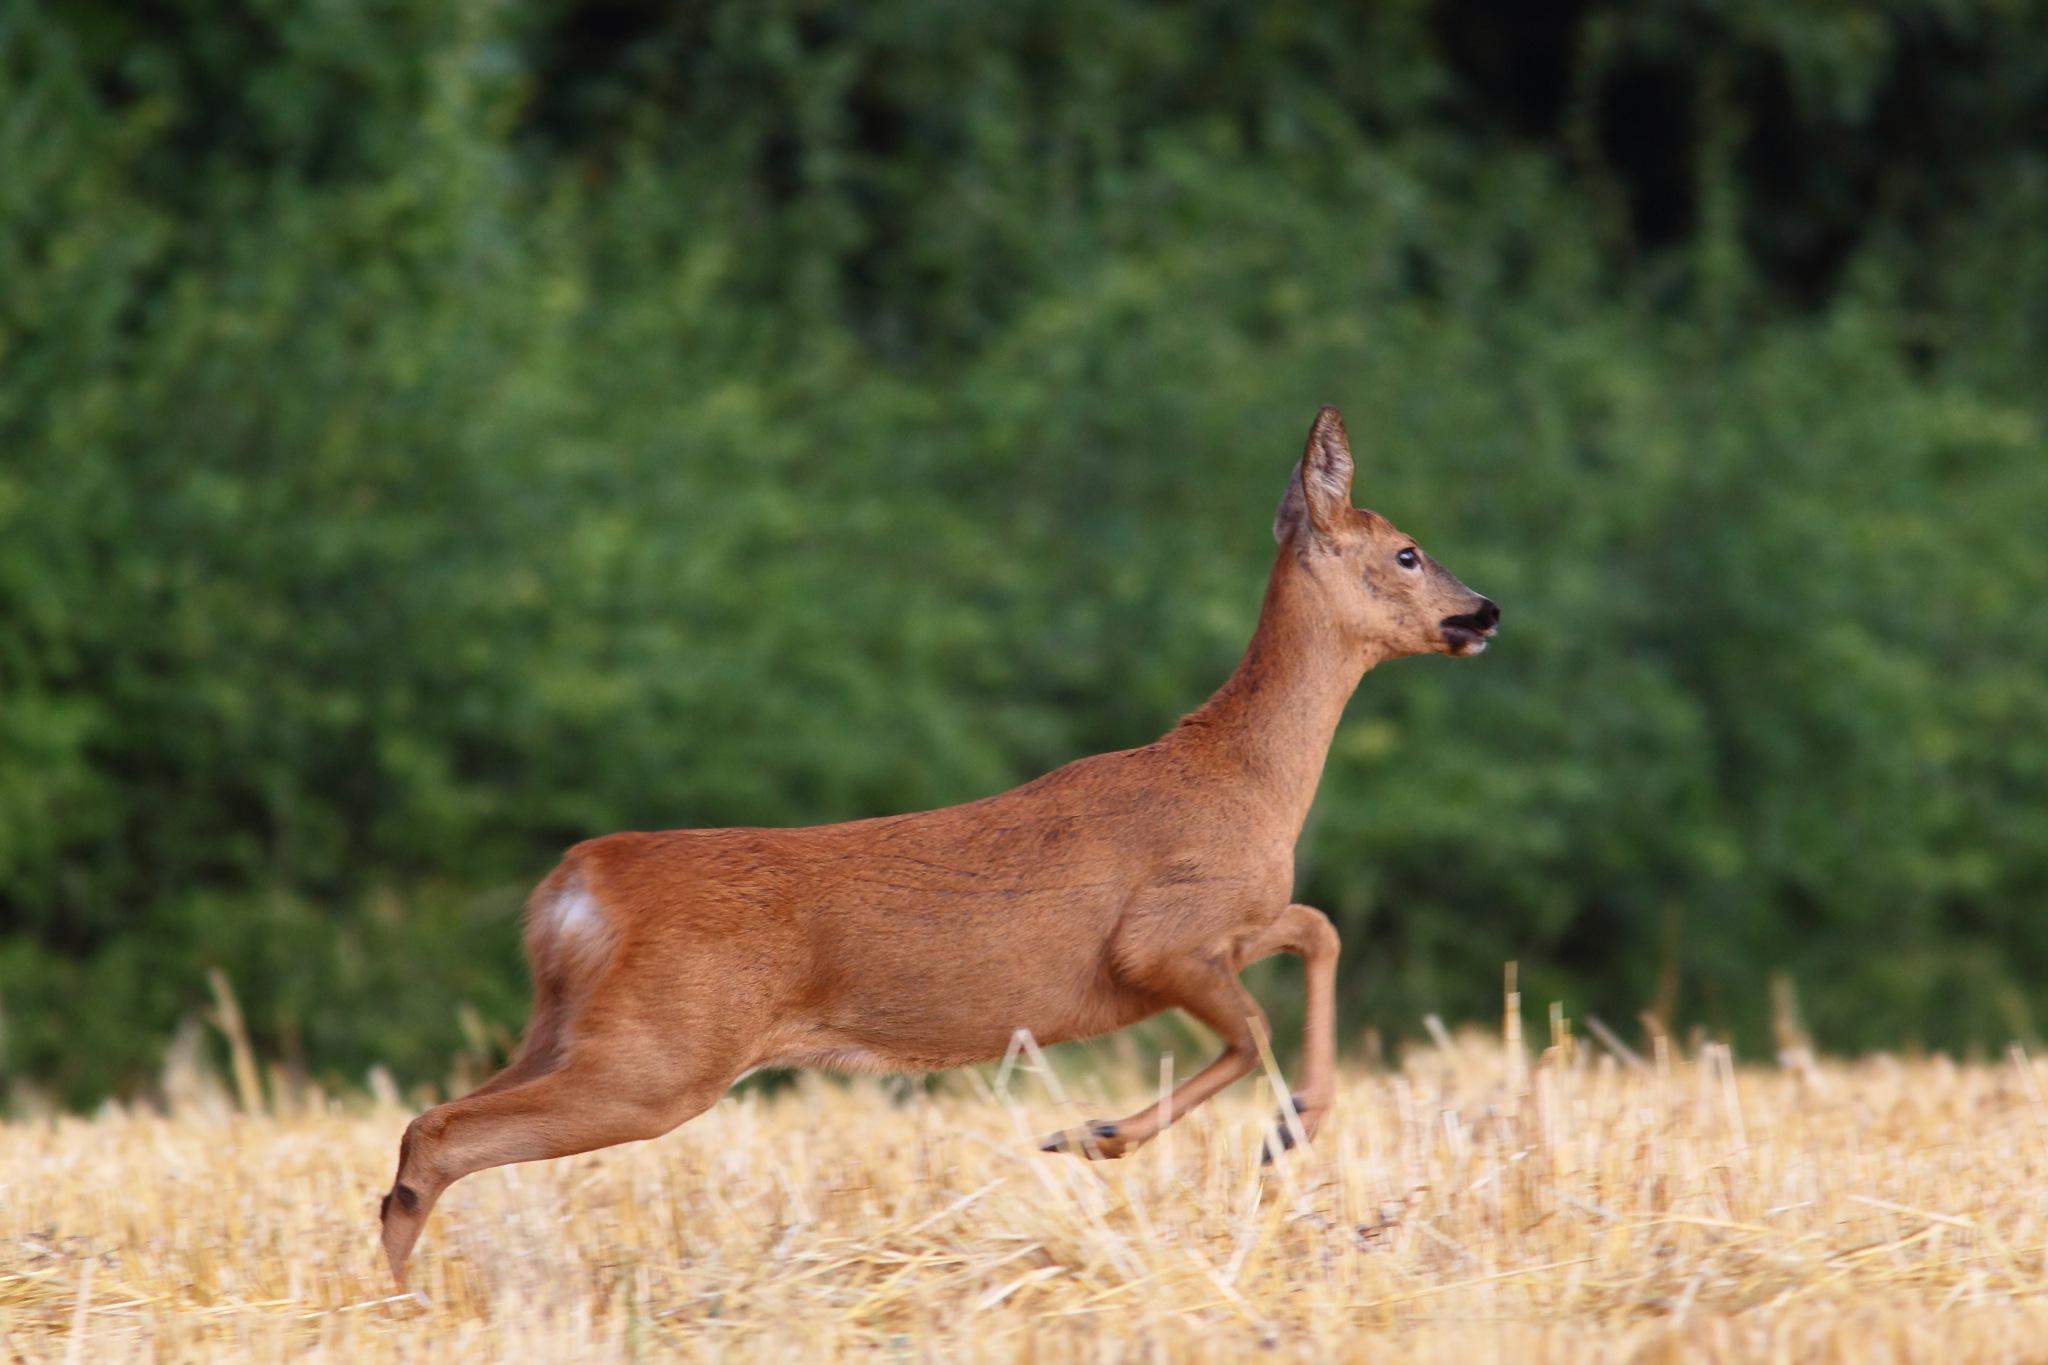 Deer by Philip Watson